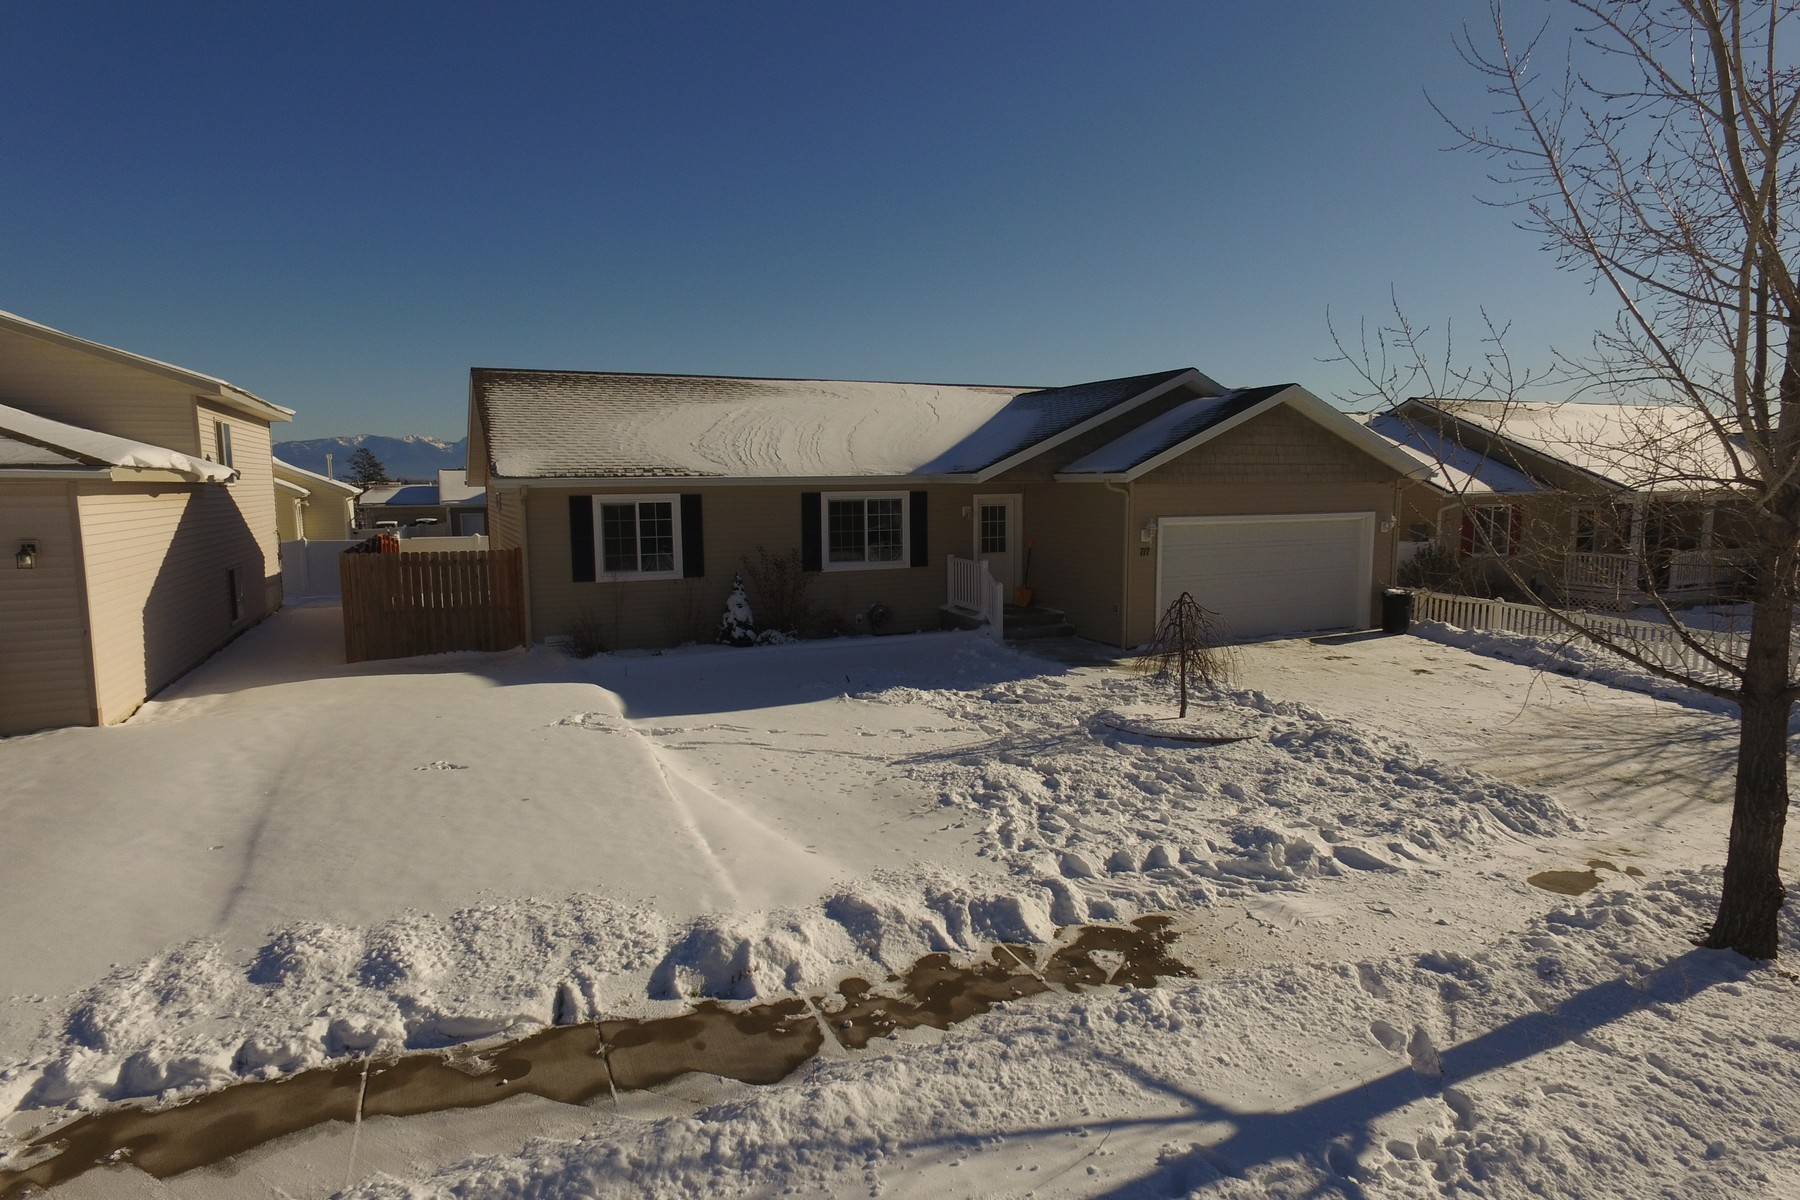 Частный односемейный дом для того Продажа на Ashley Drive Home 717 ASHLEY Dr Kalispell, Монтана 59901 Соединенные Штаты